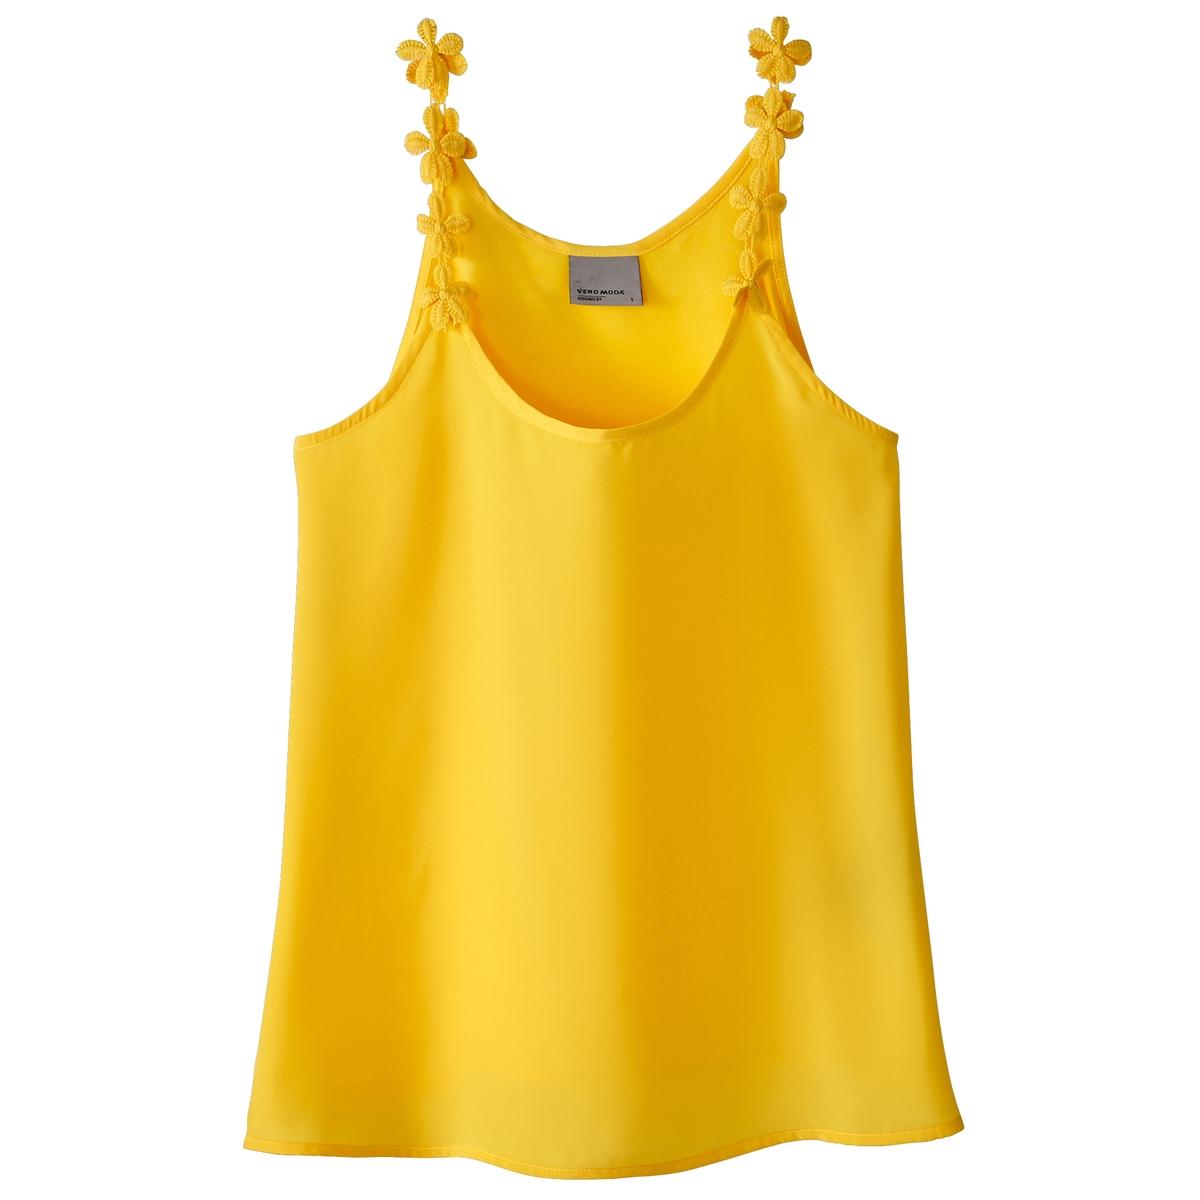 ТопДетали •  Тонкие бретели   •   V-образный вырезСостав и уход •  100% полиэстер  •  Следуйте советам по уходу, указанным на этикетке<br><br>Цвет: желтый,хаки,черный<br>Размер: S.M.M.M.L.L.L